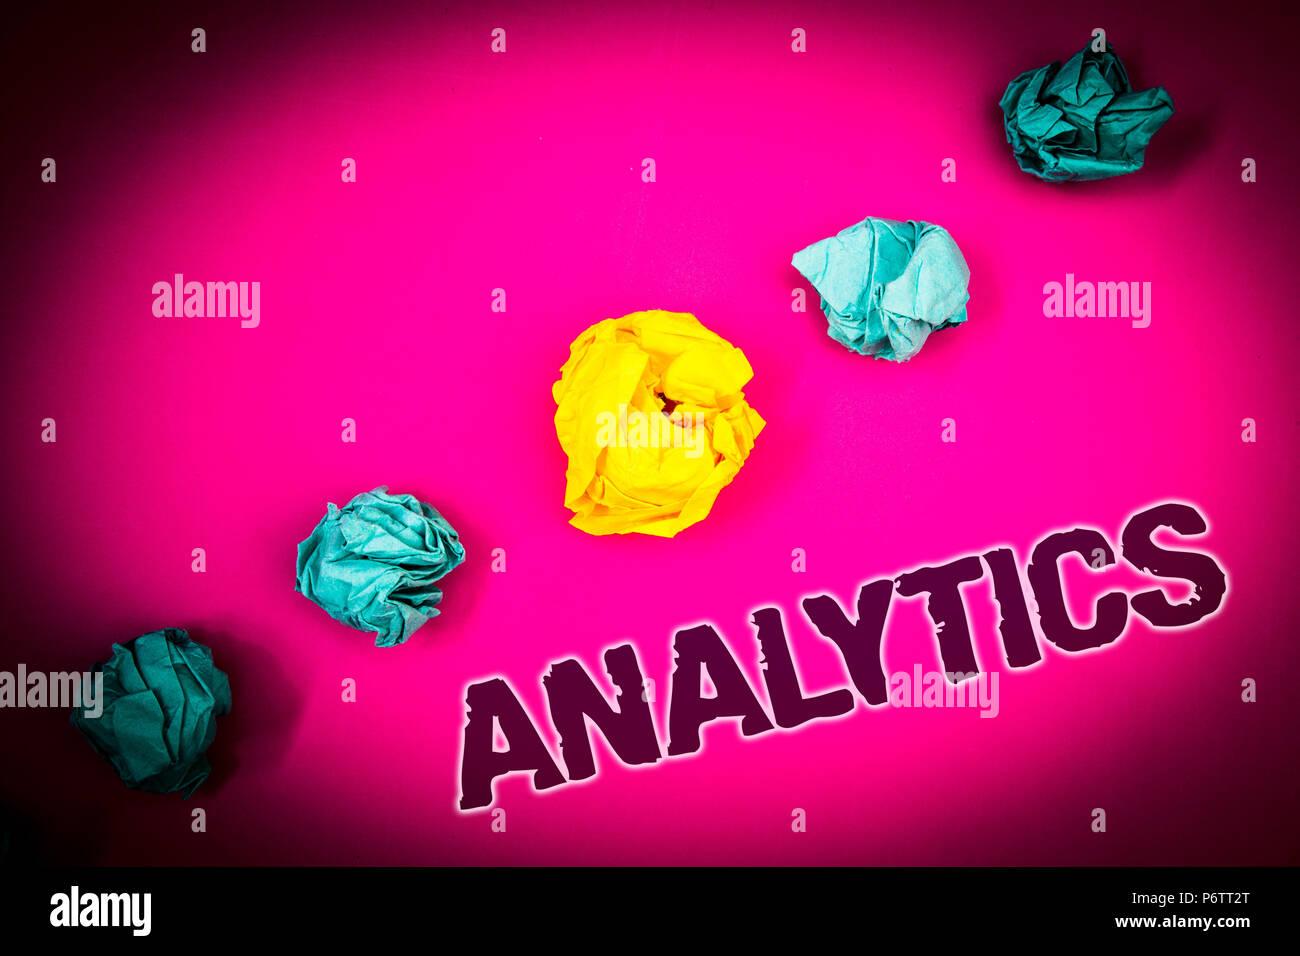 Signo de texto mostrando Analytics. Foto conceptual del análisis de datos panel Informe de estadísticas de información financiera Ideas concepto rosa arrugado fondo p Imagen De Stock